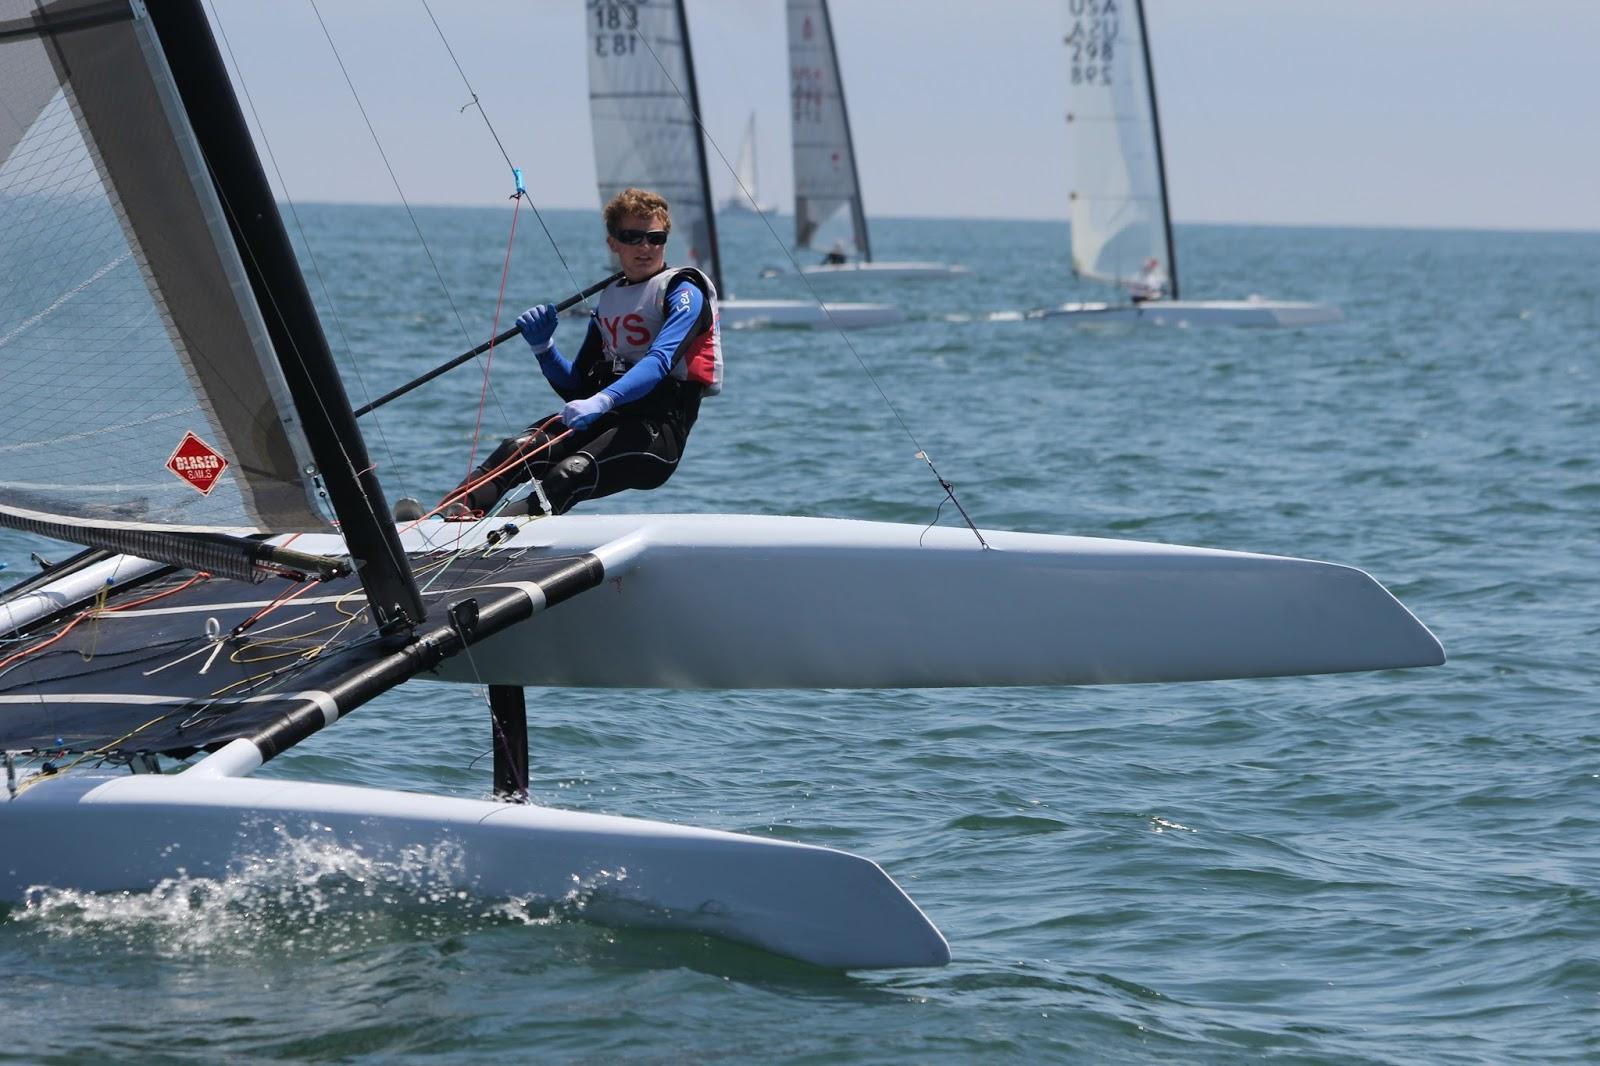 Northcoast sailing singles